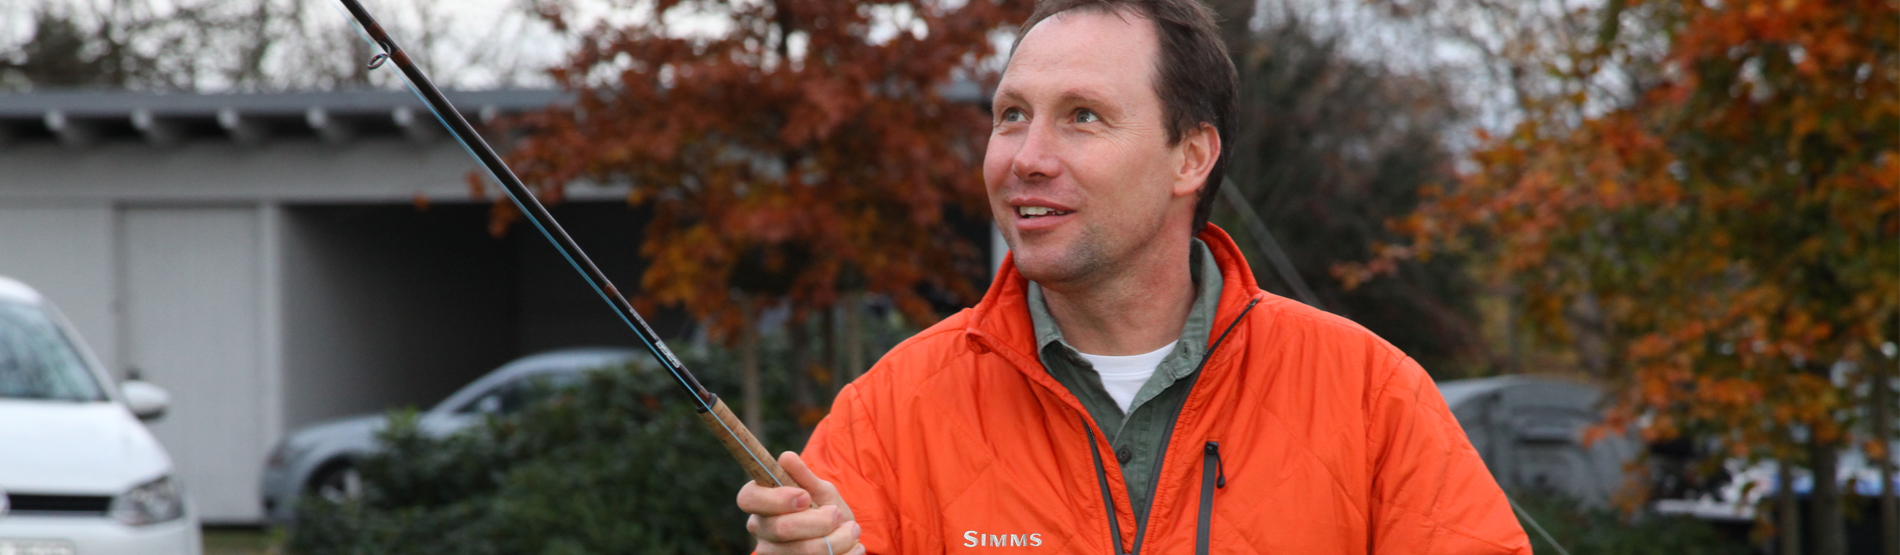 Fliegenfischen lernen in NRW